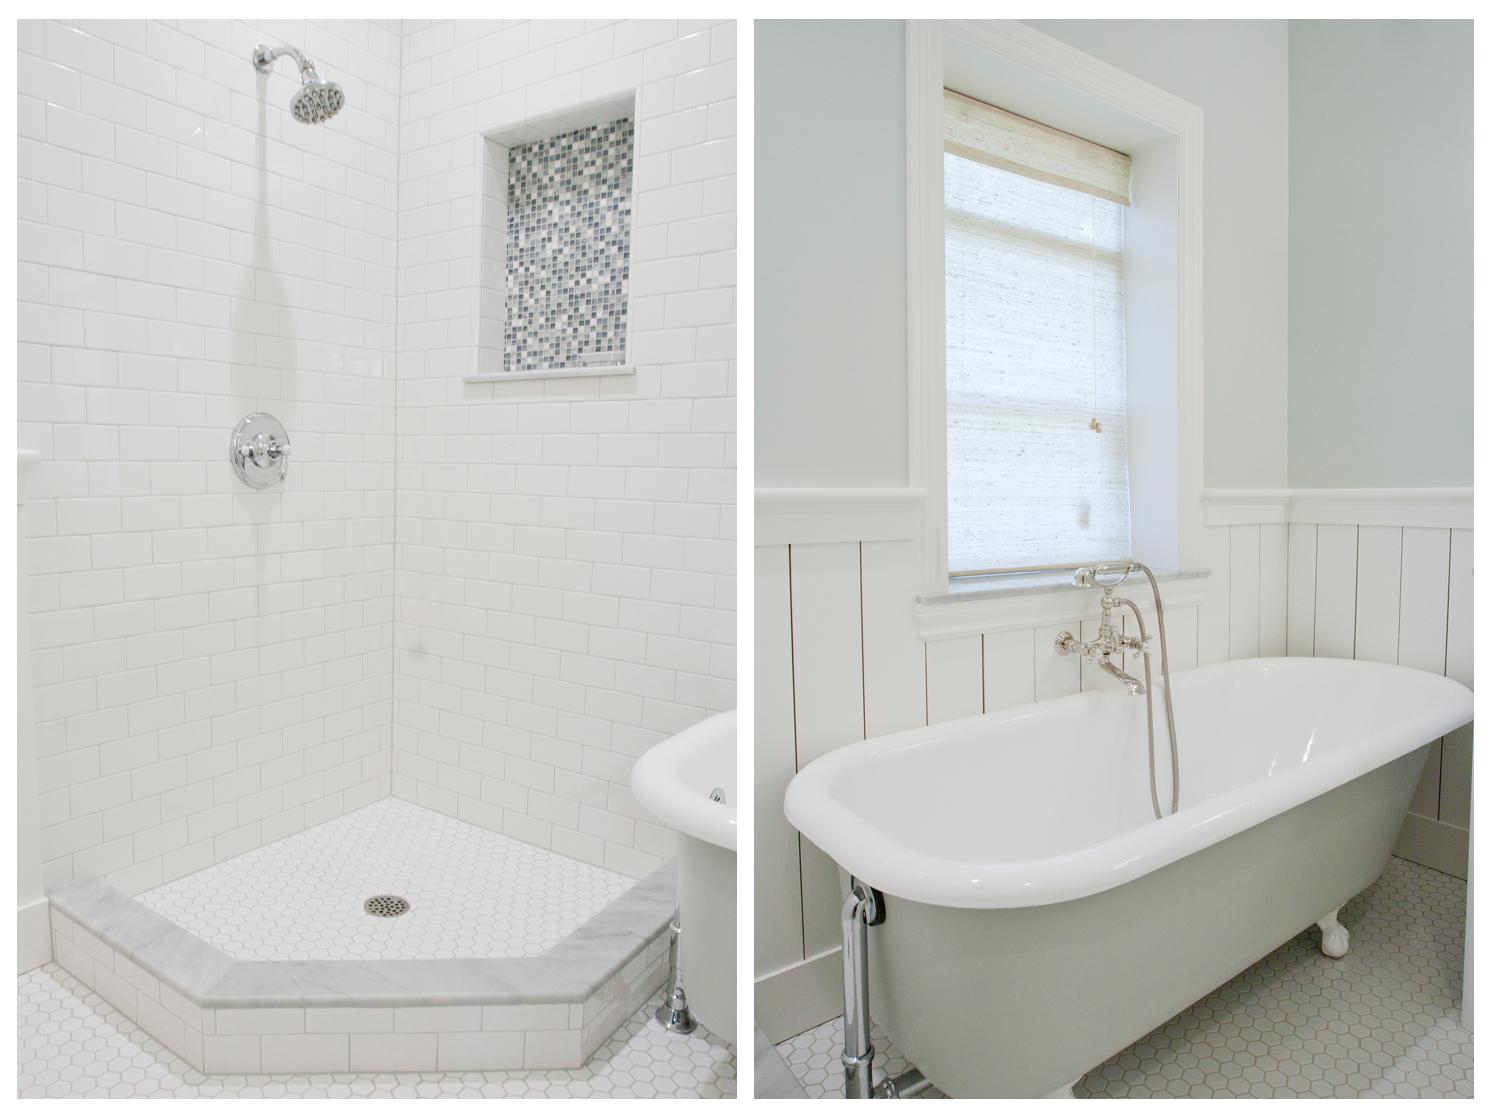 The Granite Gurus Bathroom Remodel With Carrara Marble